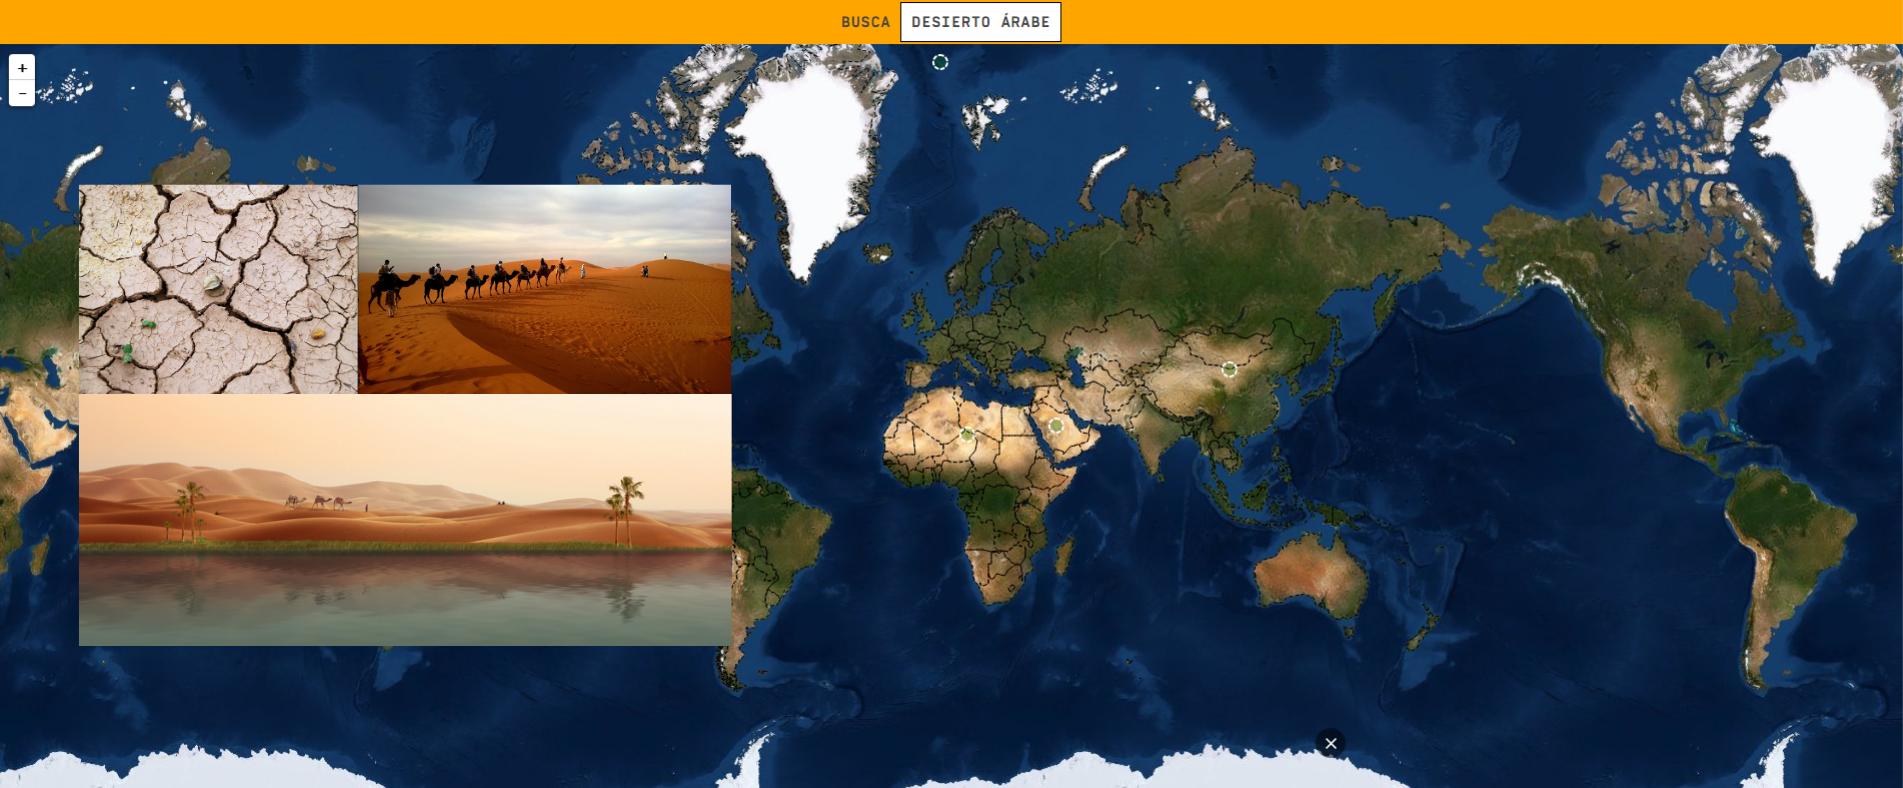 Deserts del món (difícil)